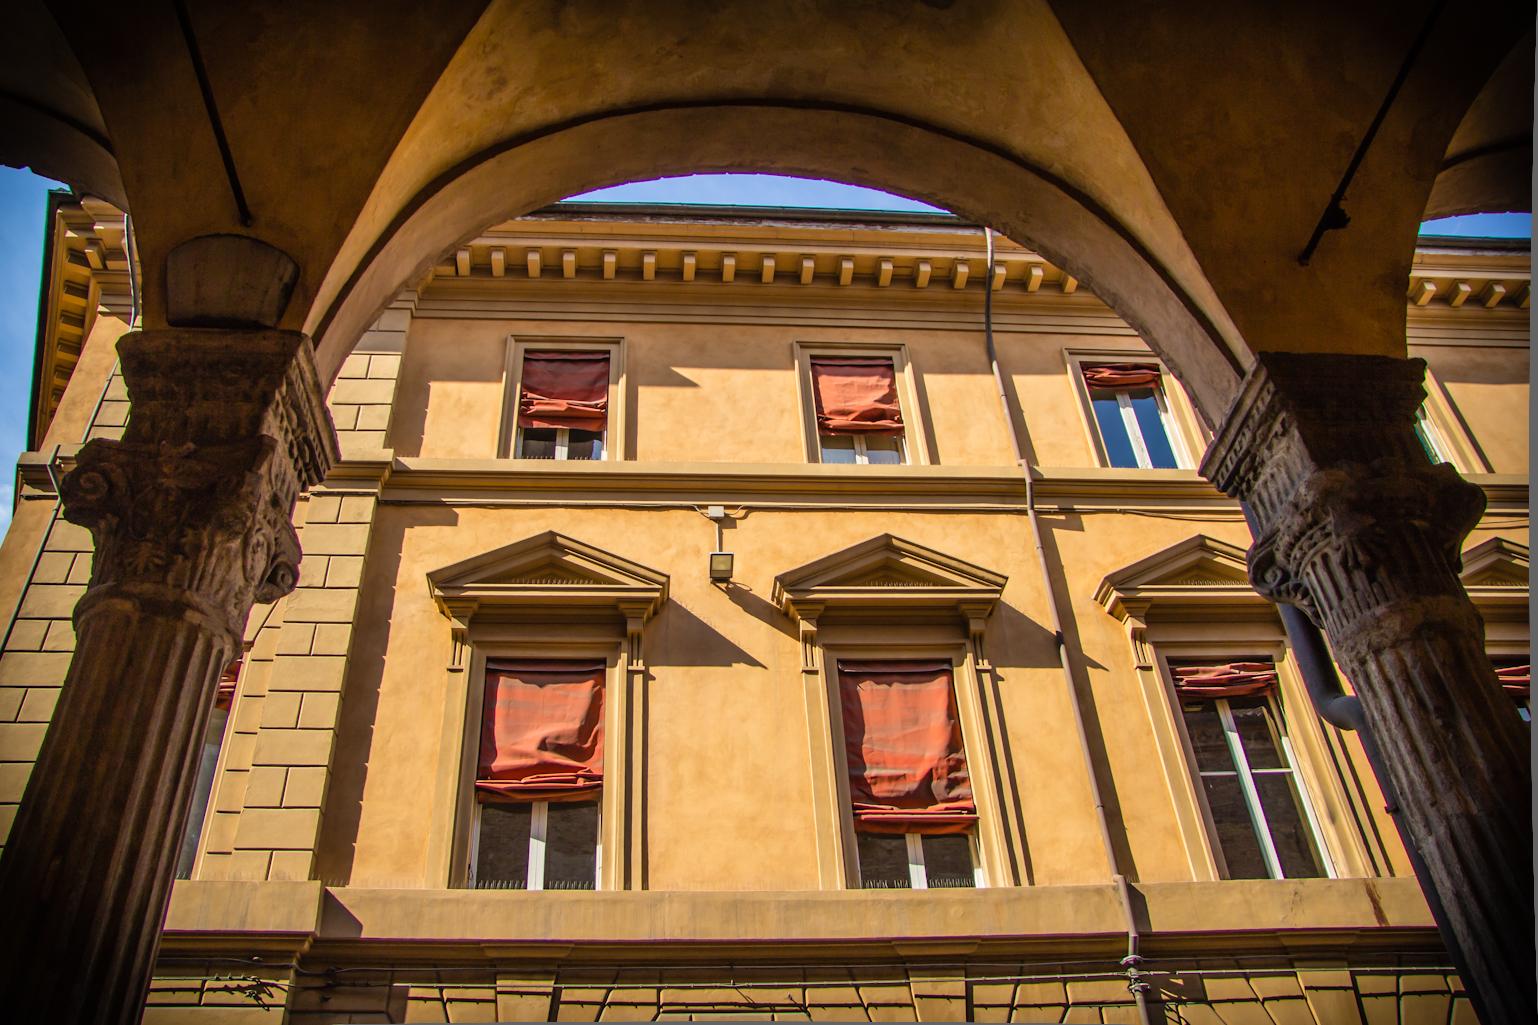 https://upload.wikimedia.org/wikipedia/commons/6/66/Via_Zamboni_-_San_Giacomo_Maggiore_-_Bologna_IT-2.jpg